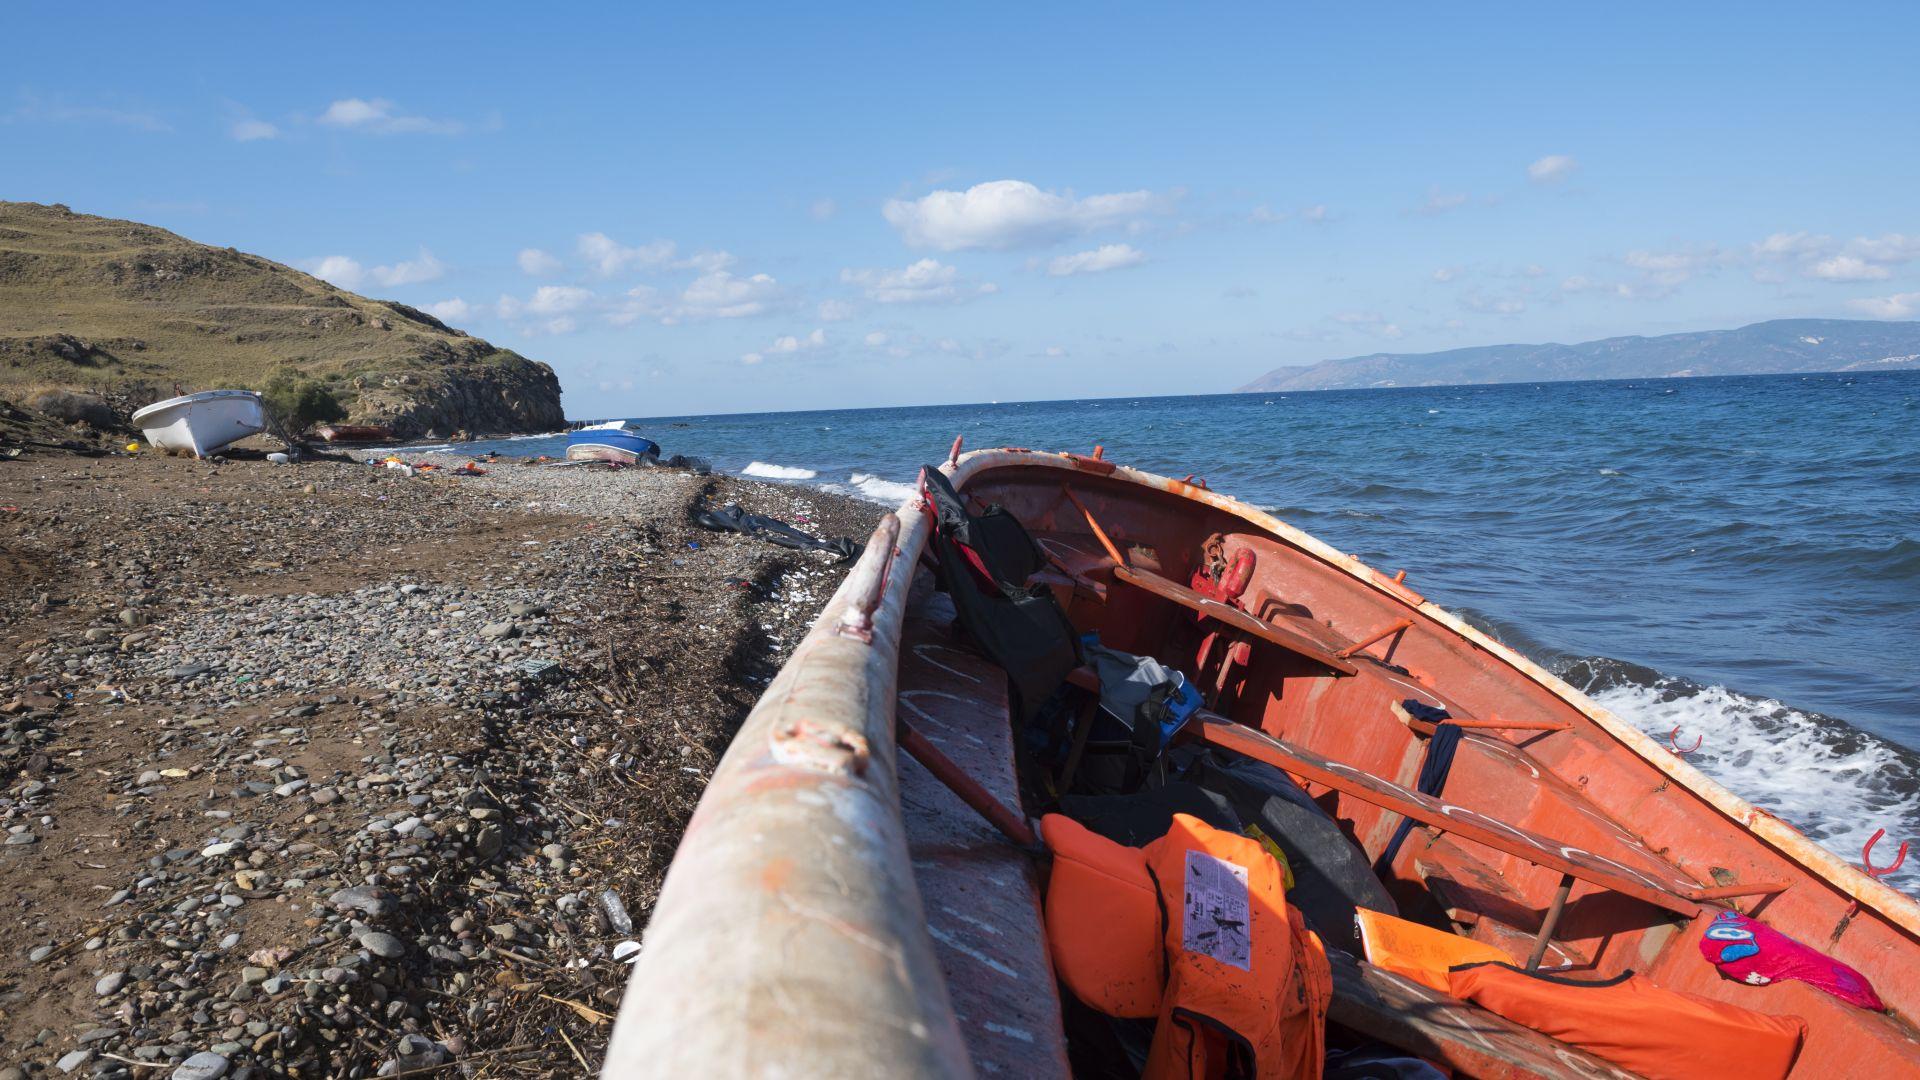 Лодка с 20 мъртви на борда се появи край Бахамските острови